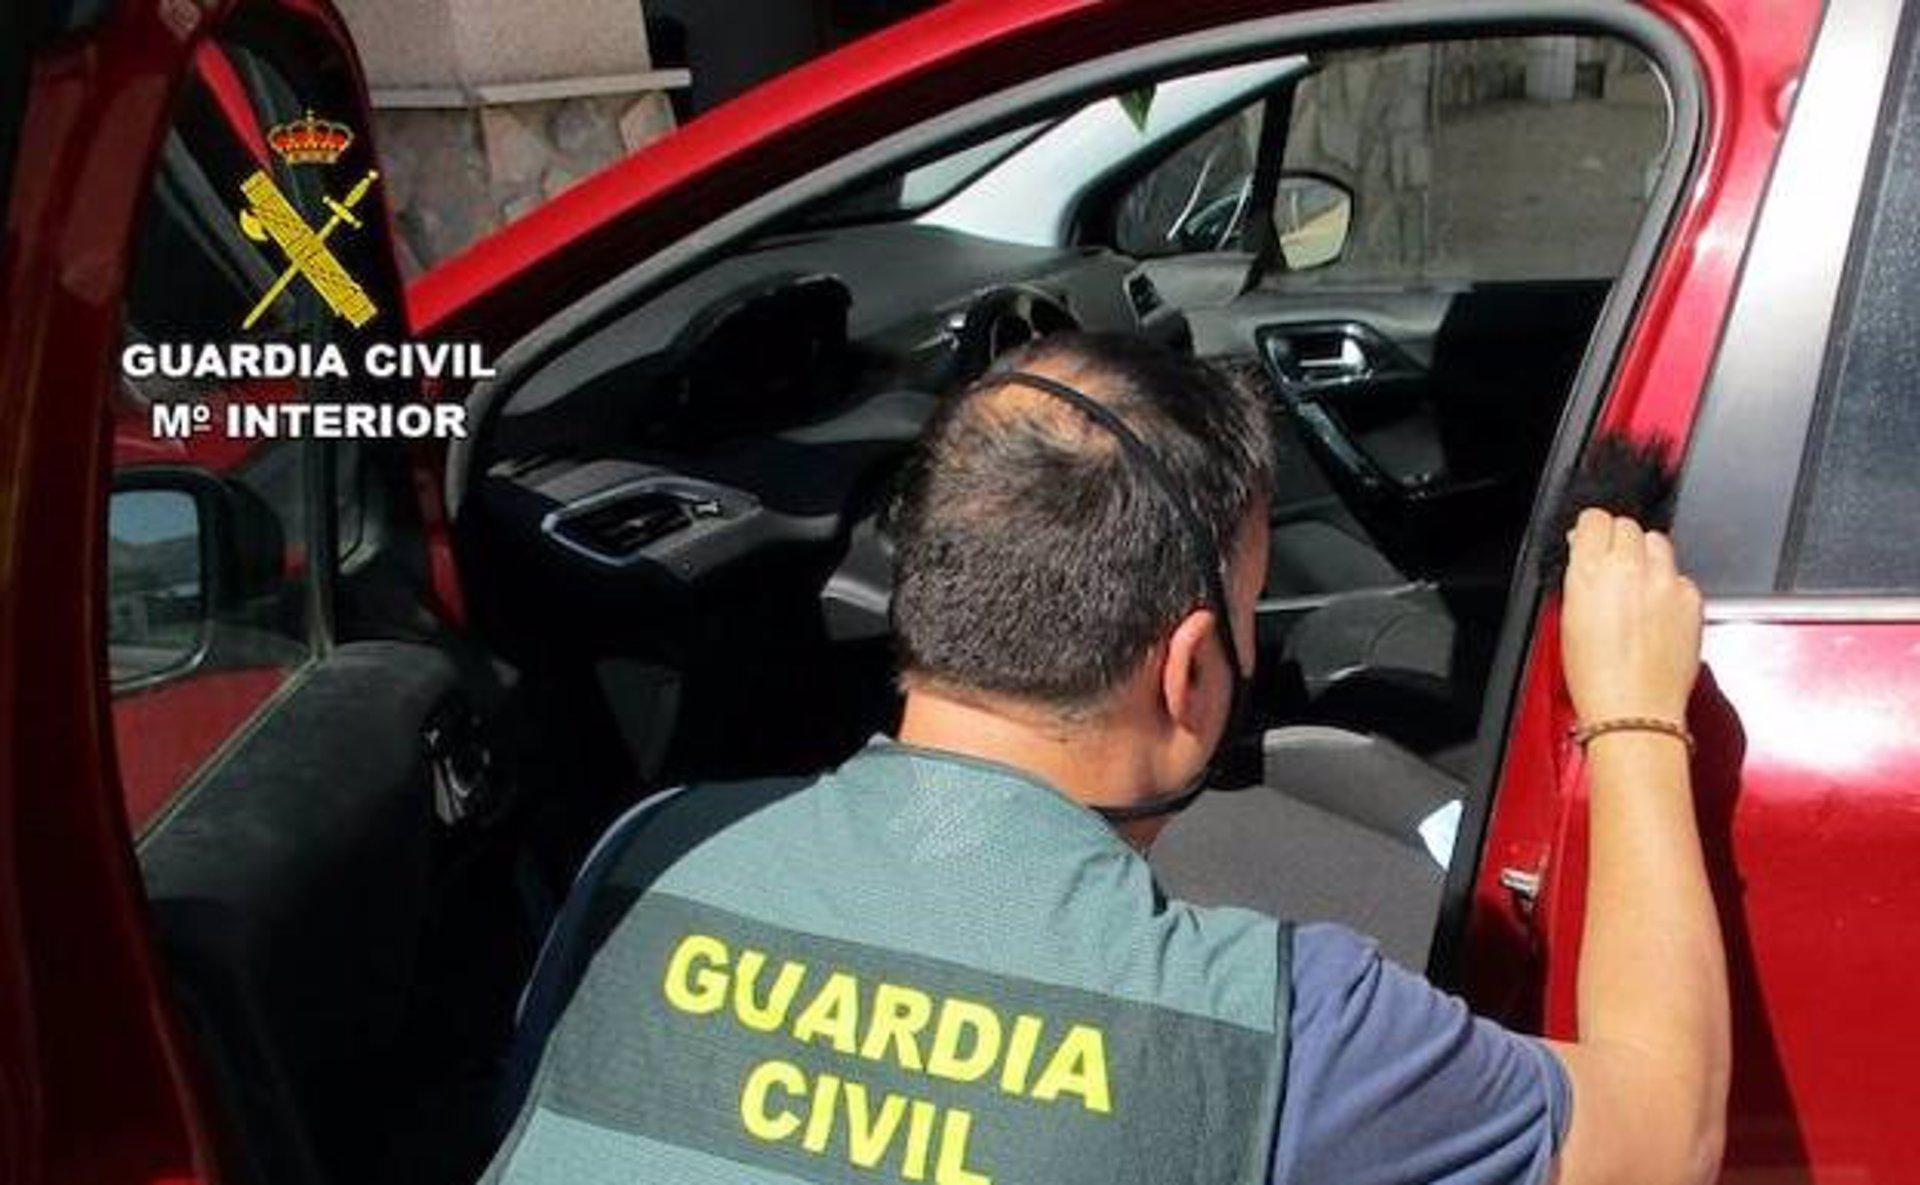 Detenida una mujer en Órgiva acusada de nueve robos en interior de vehículos